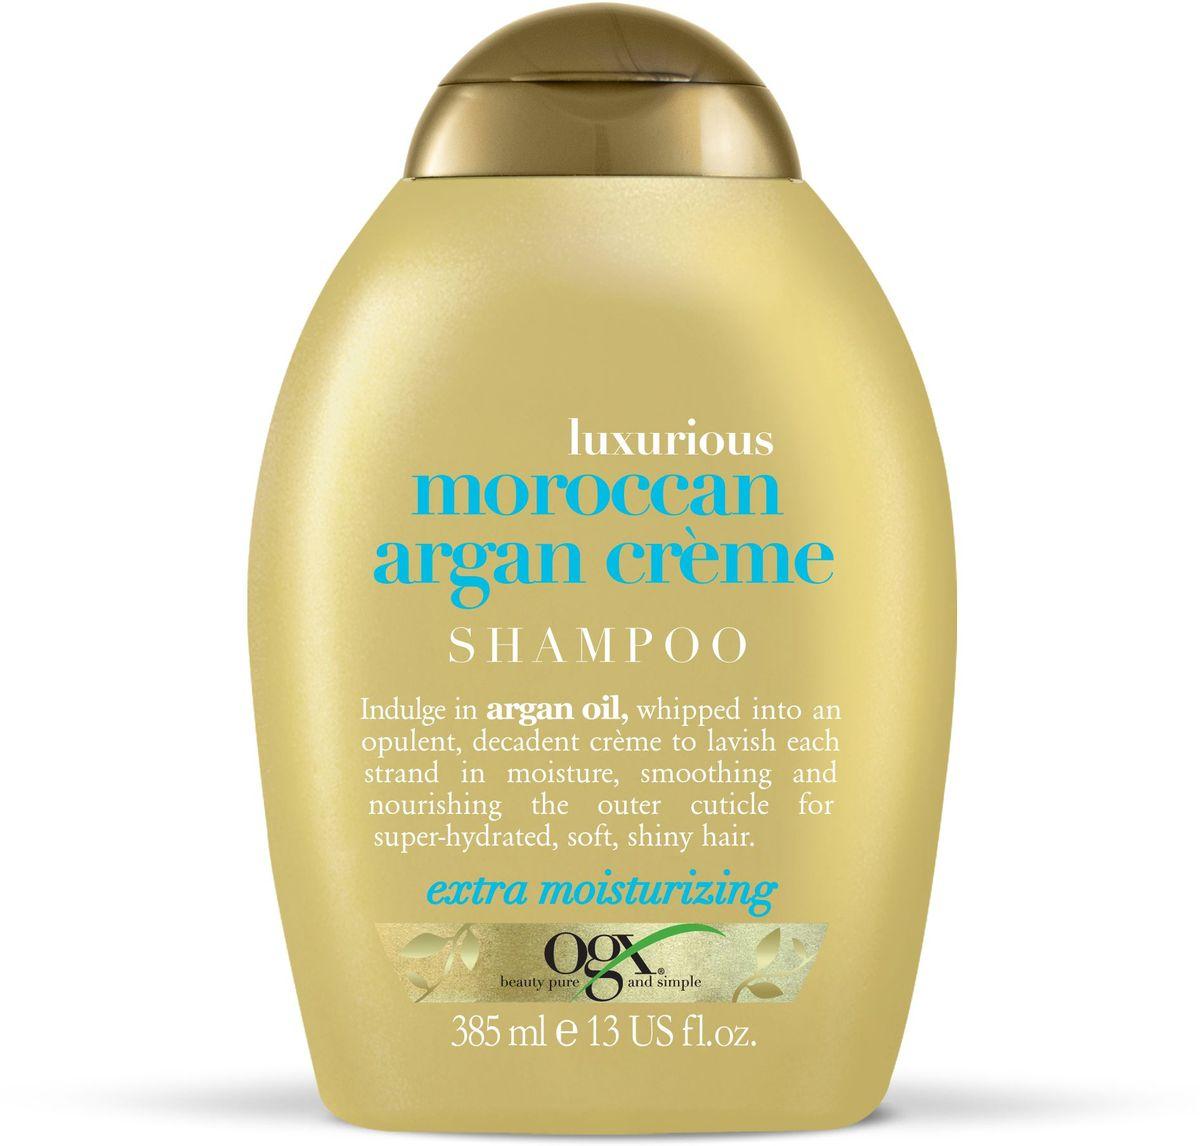 OGX Кремовый шампунь для ухода за поврежденными волосами с Марокканским аргановым маслом, 385 мл.09034370Кремовый Шампунь с Марокканским Арганом идеально подходит для сухих, поврежденных волос. Увлажняющий аргановый крем разглаживает кутикулу волоса, питая пряди и запаивая секущиеся кончики.